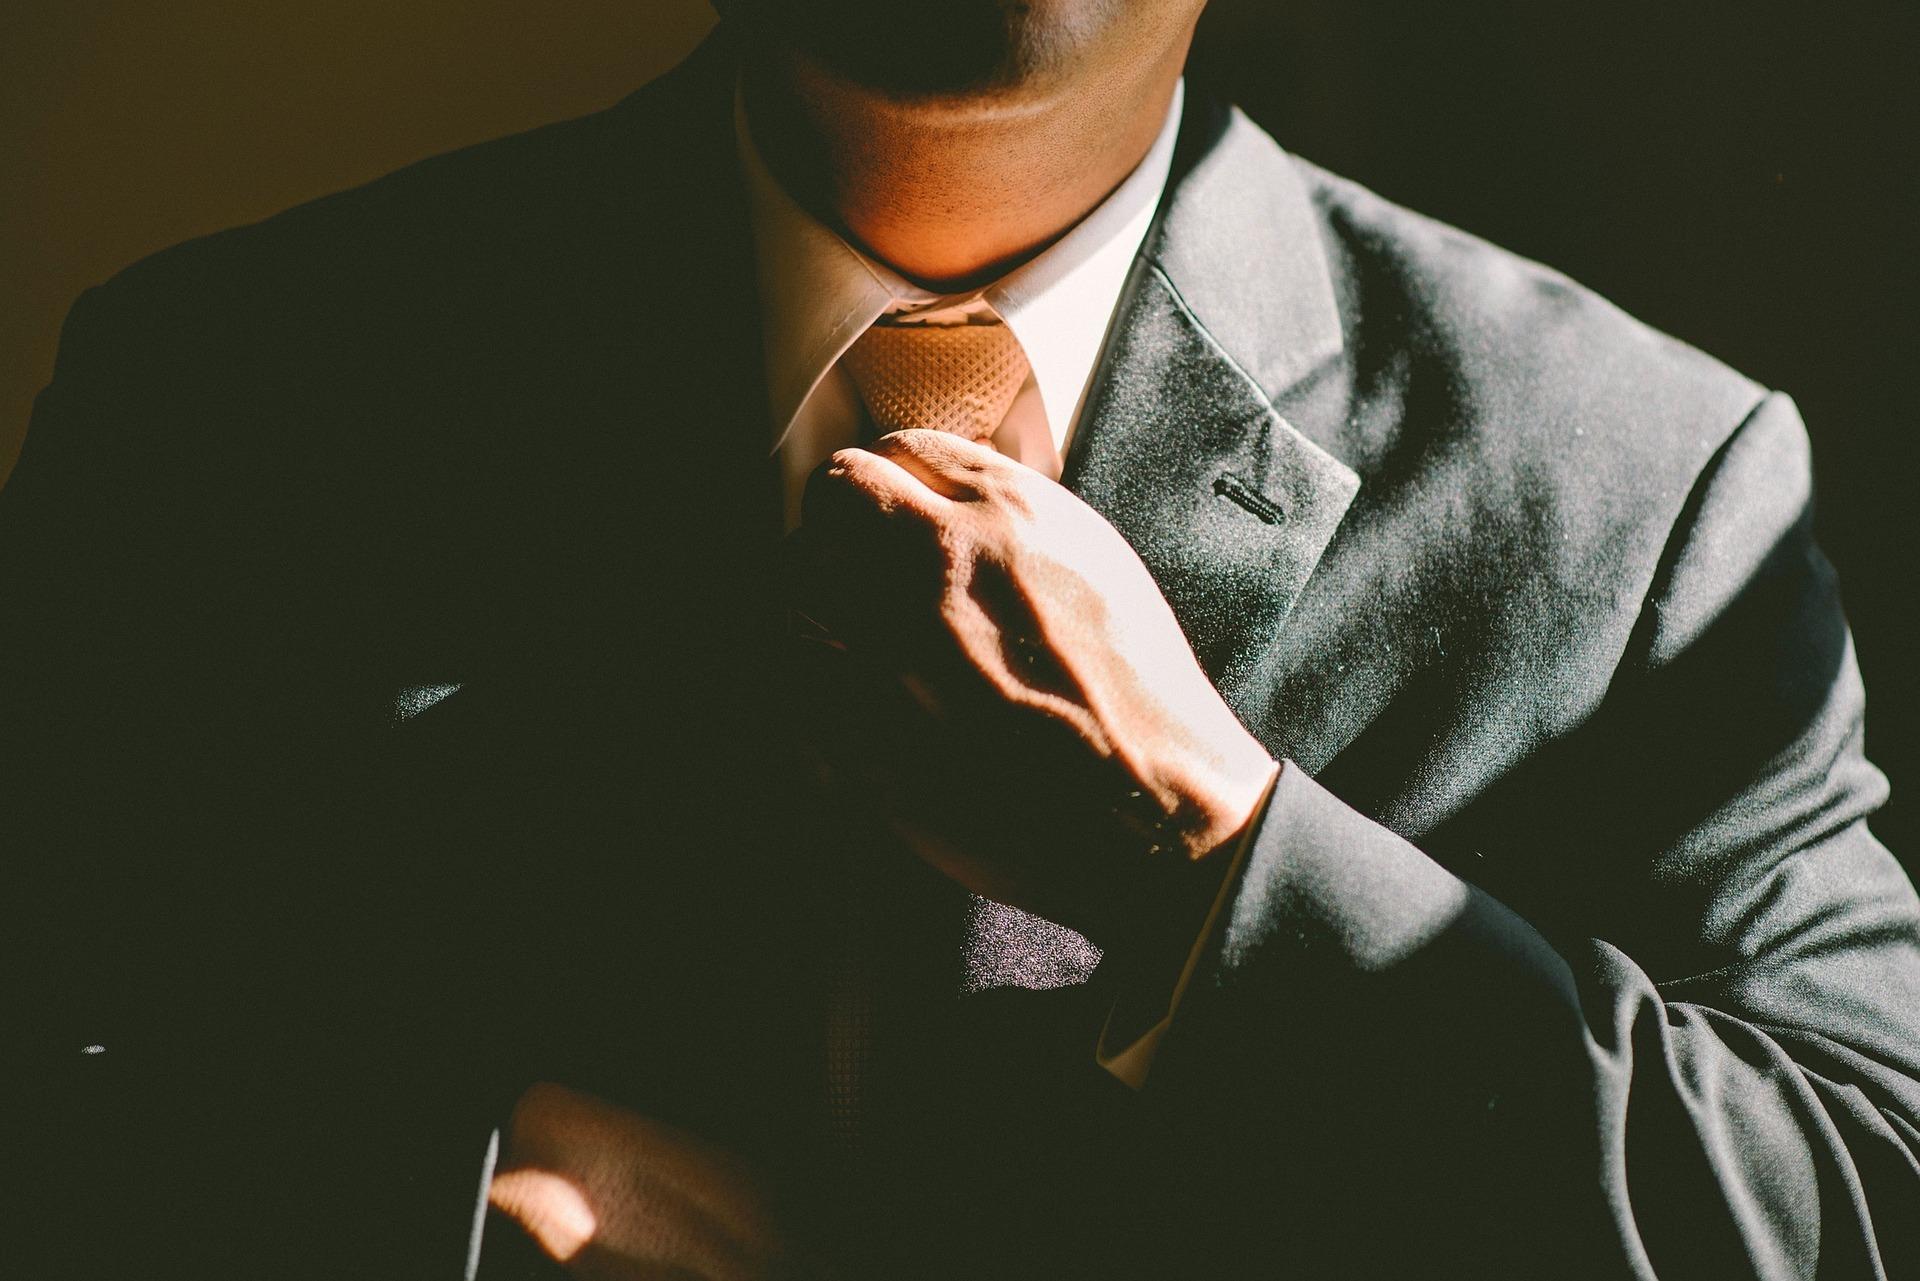 Brevet : l'importance cruciale de la désignation du titulaire